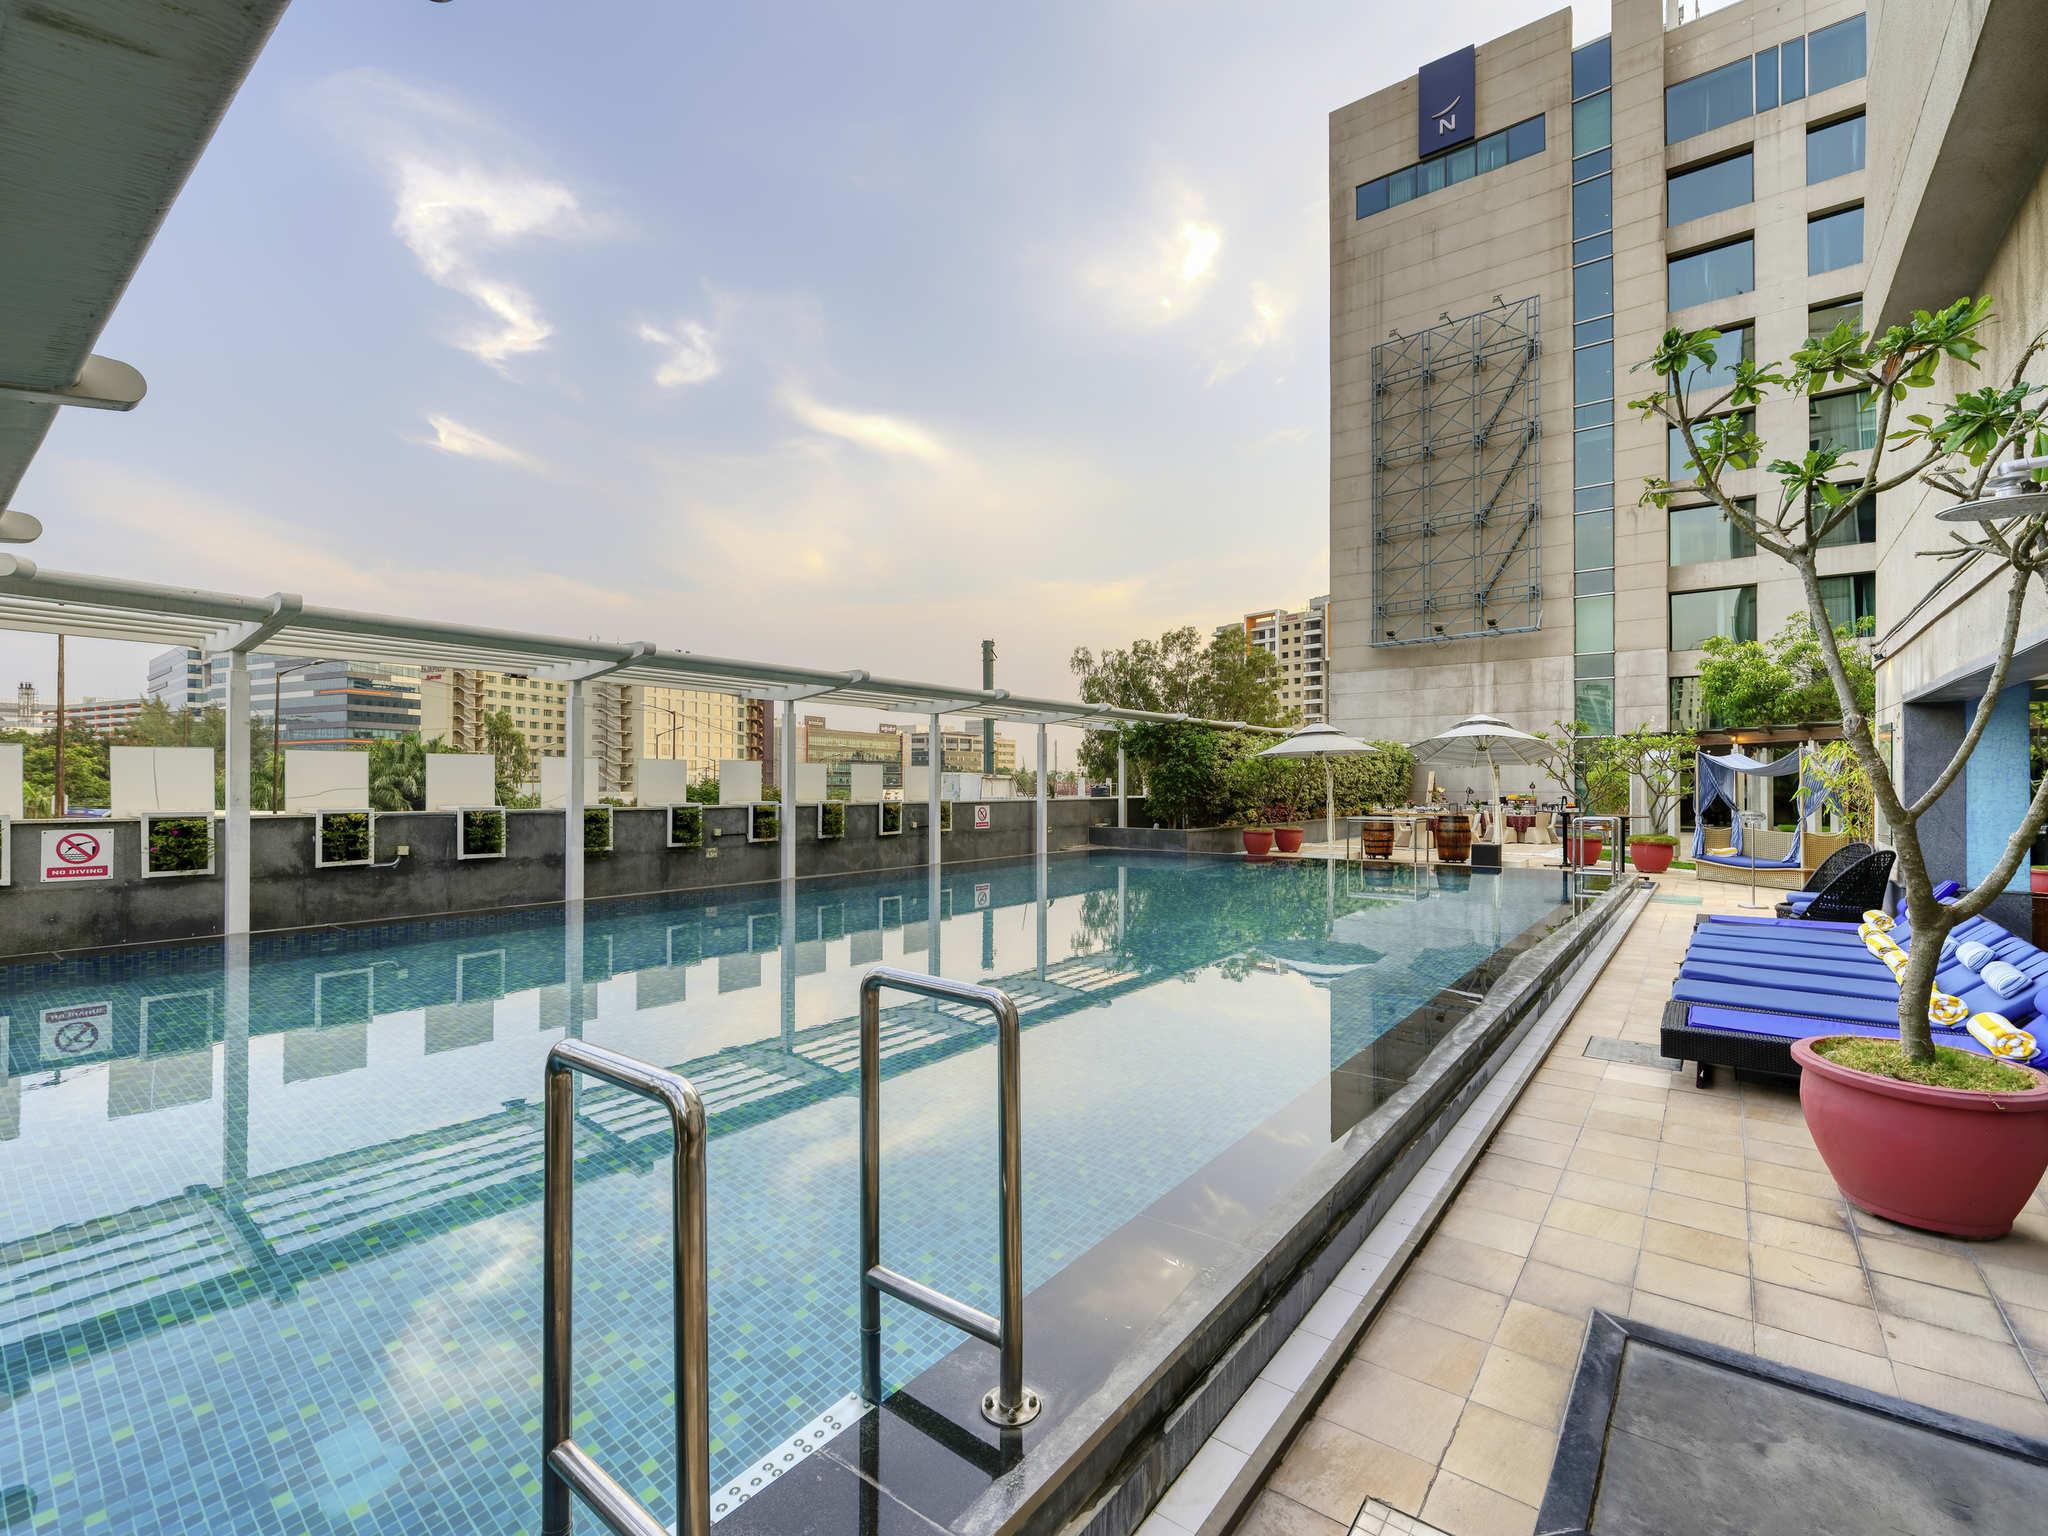 酒店 – 邦加罗尔科技园诺富特酒店